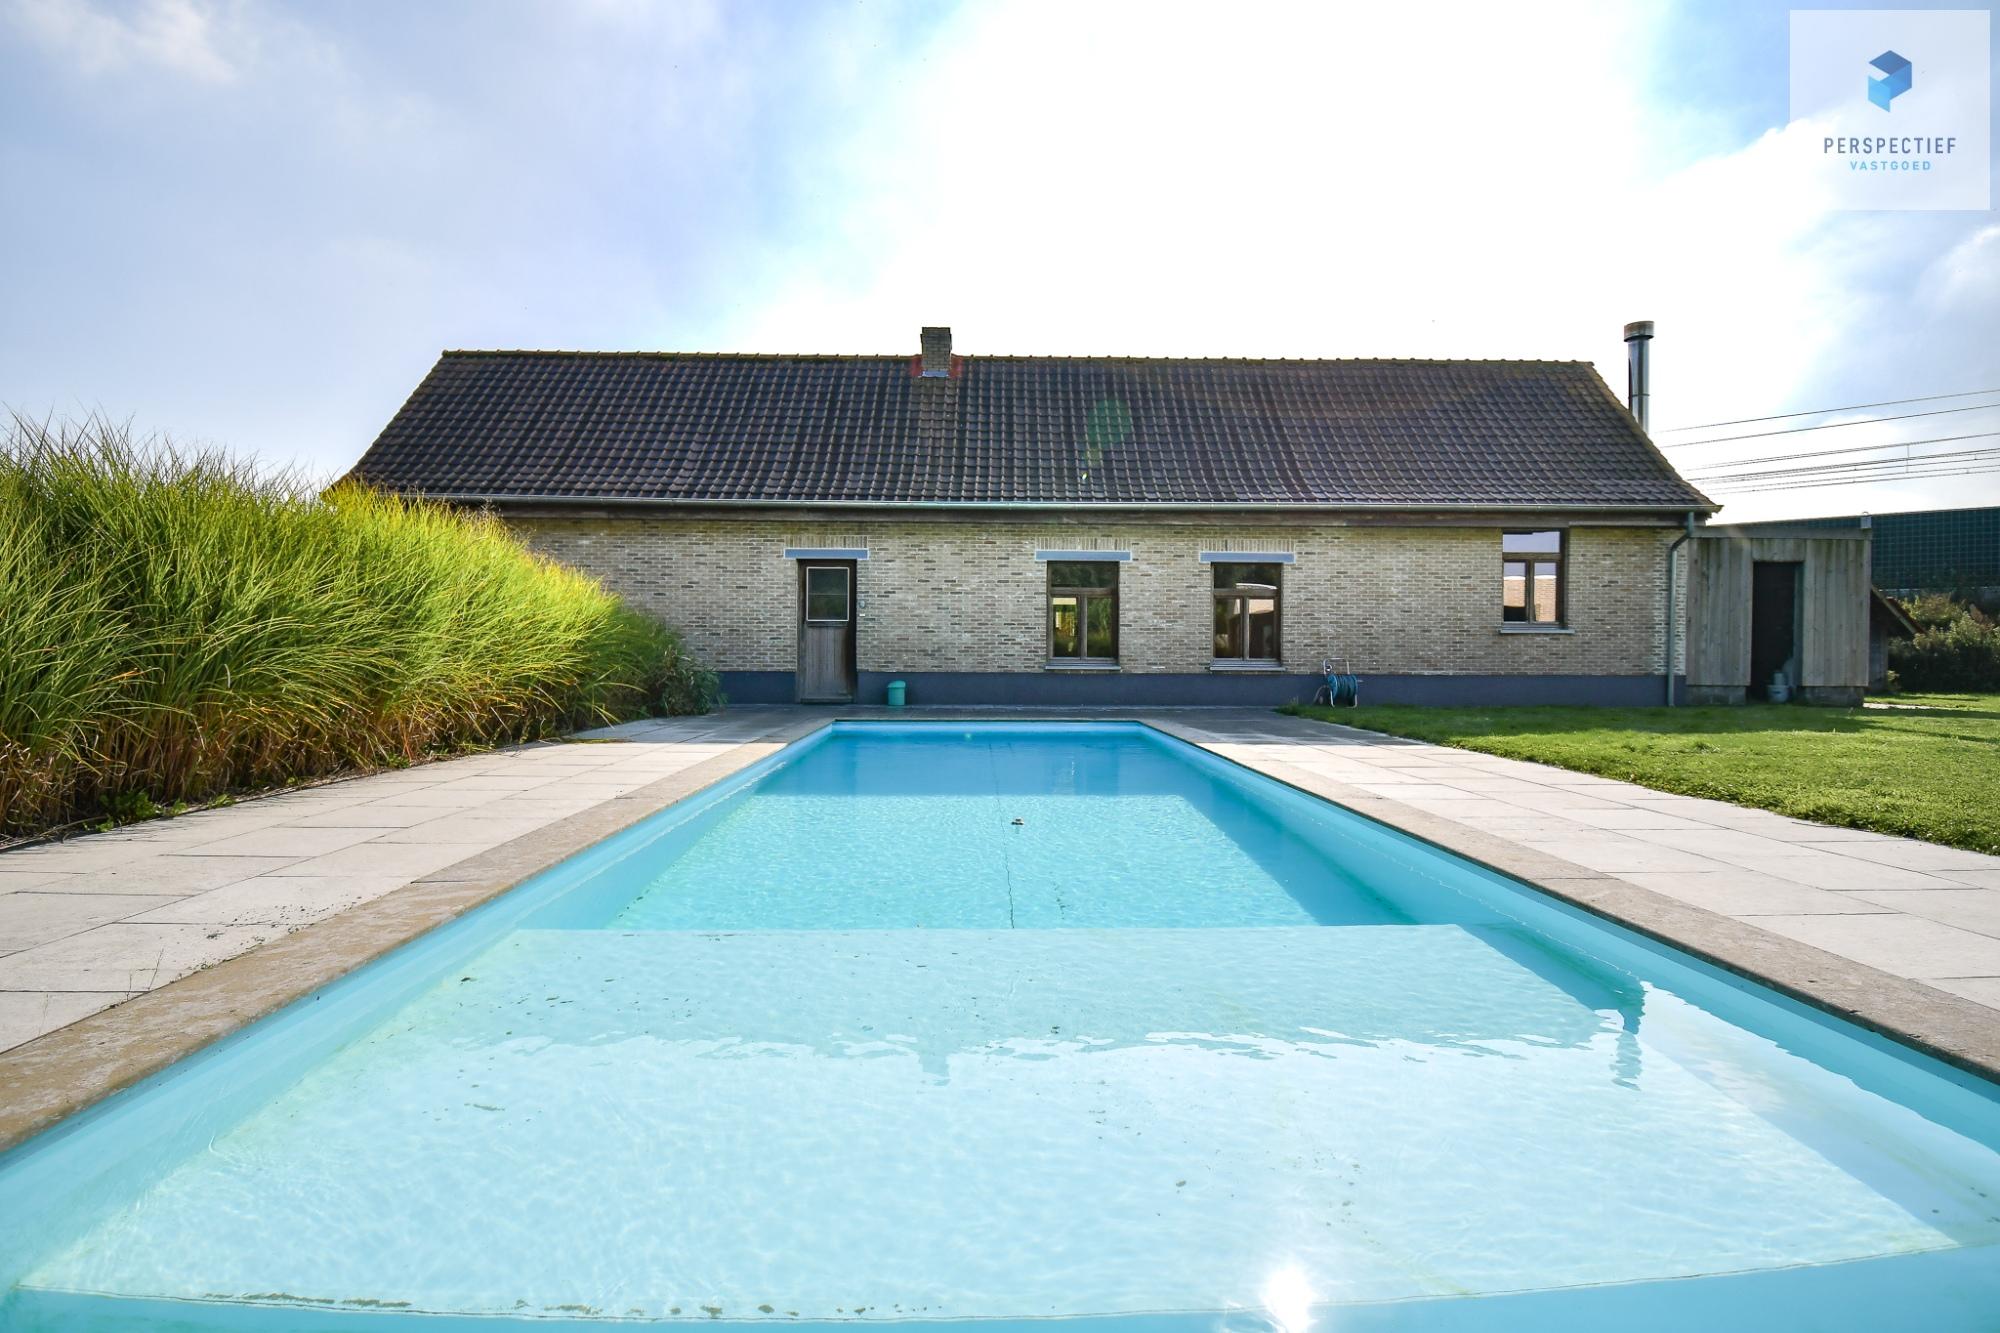 CHARMANTE HOEVE met 18de eeuwse SCHUUR, bijhuis/poolhouse en ZWEMBAD op ca 4550m² - 6